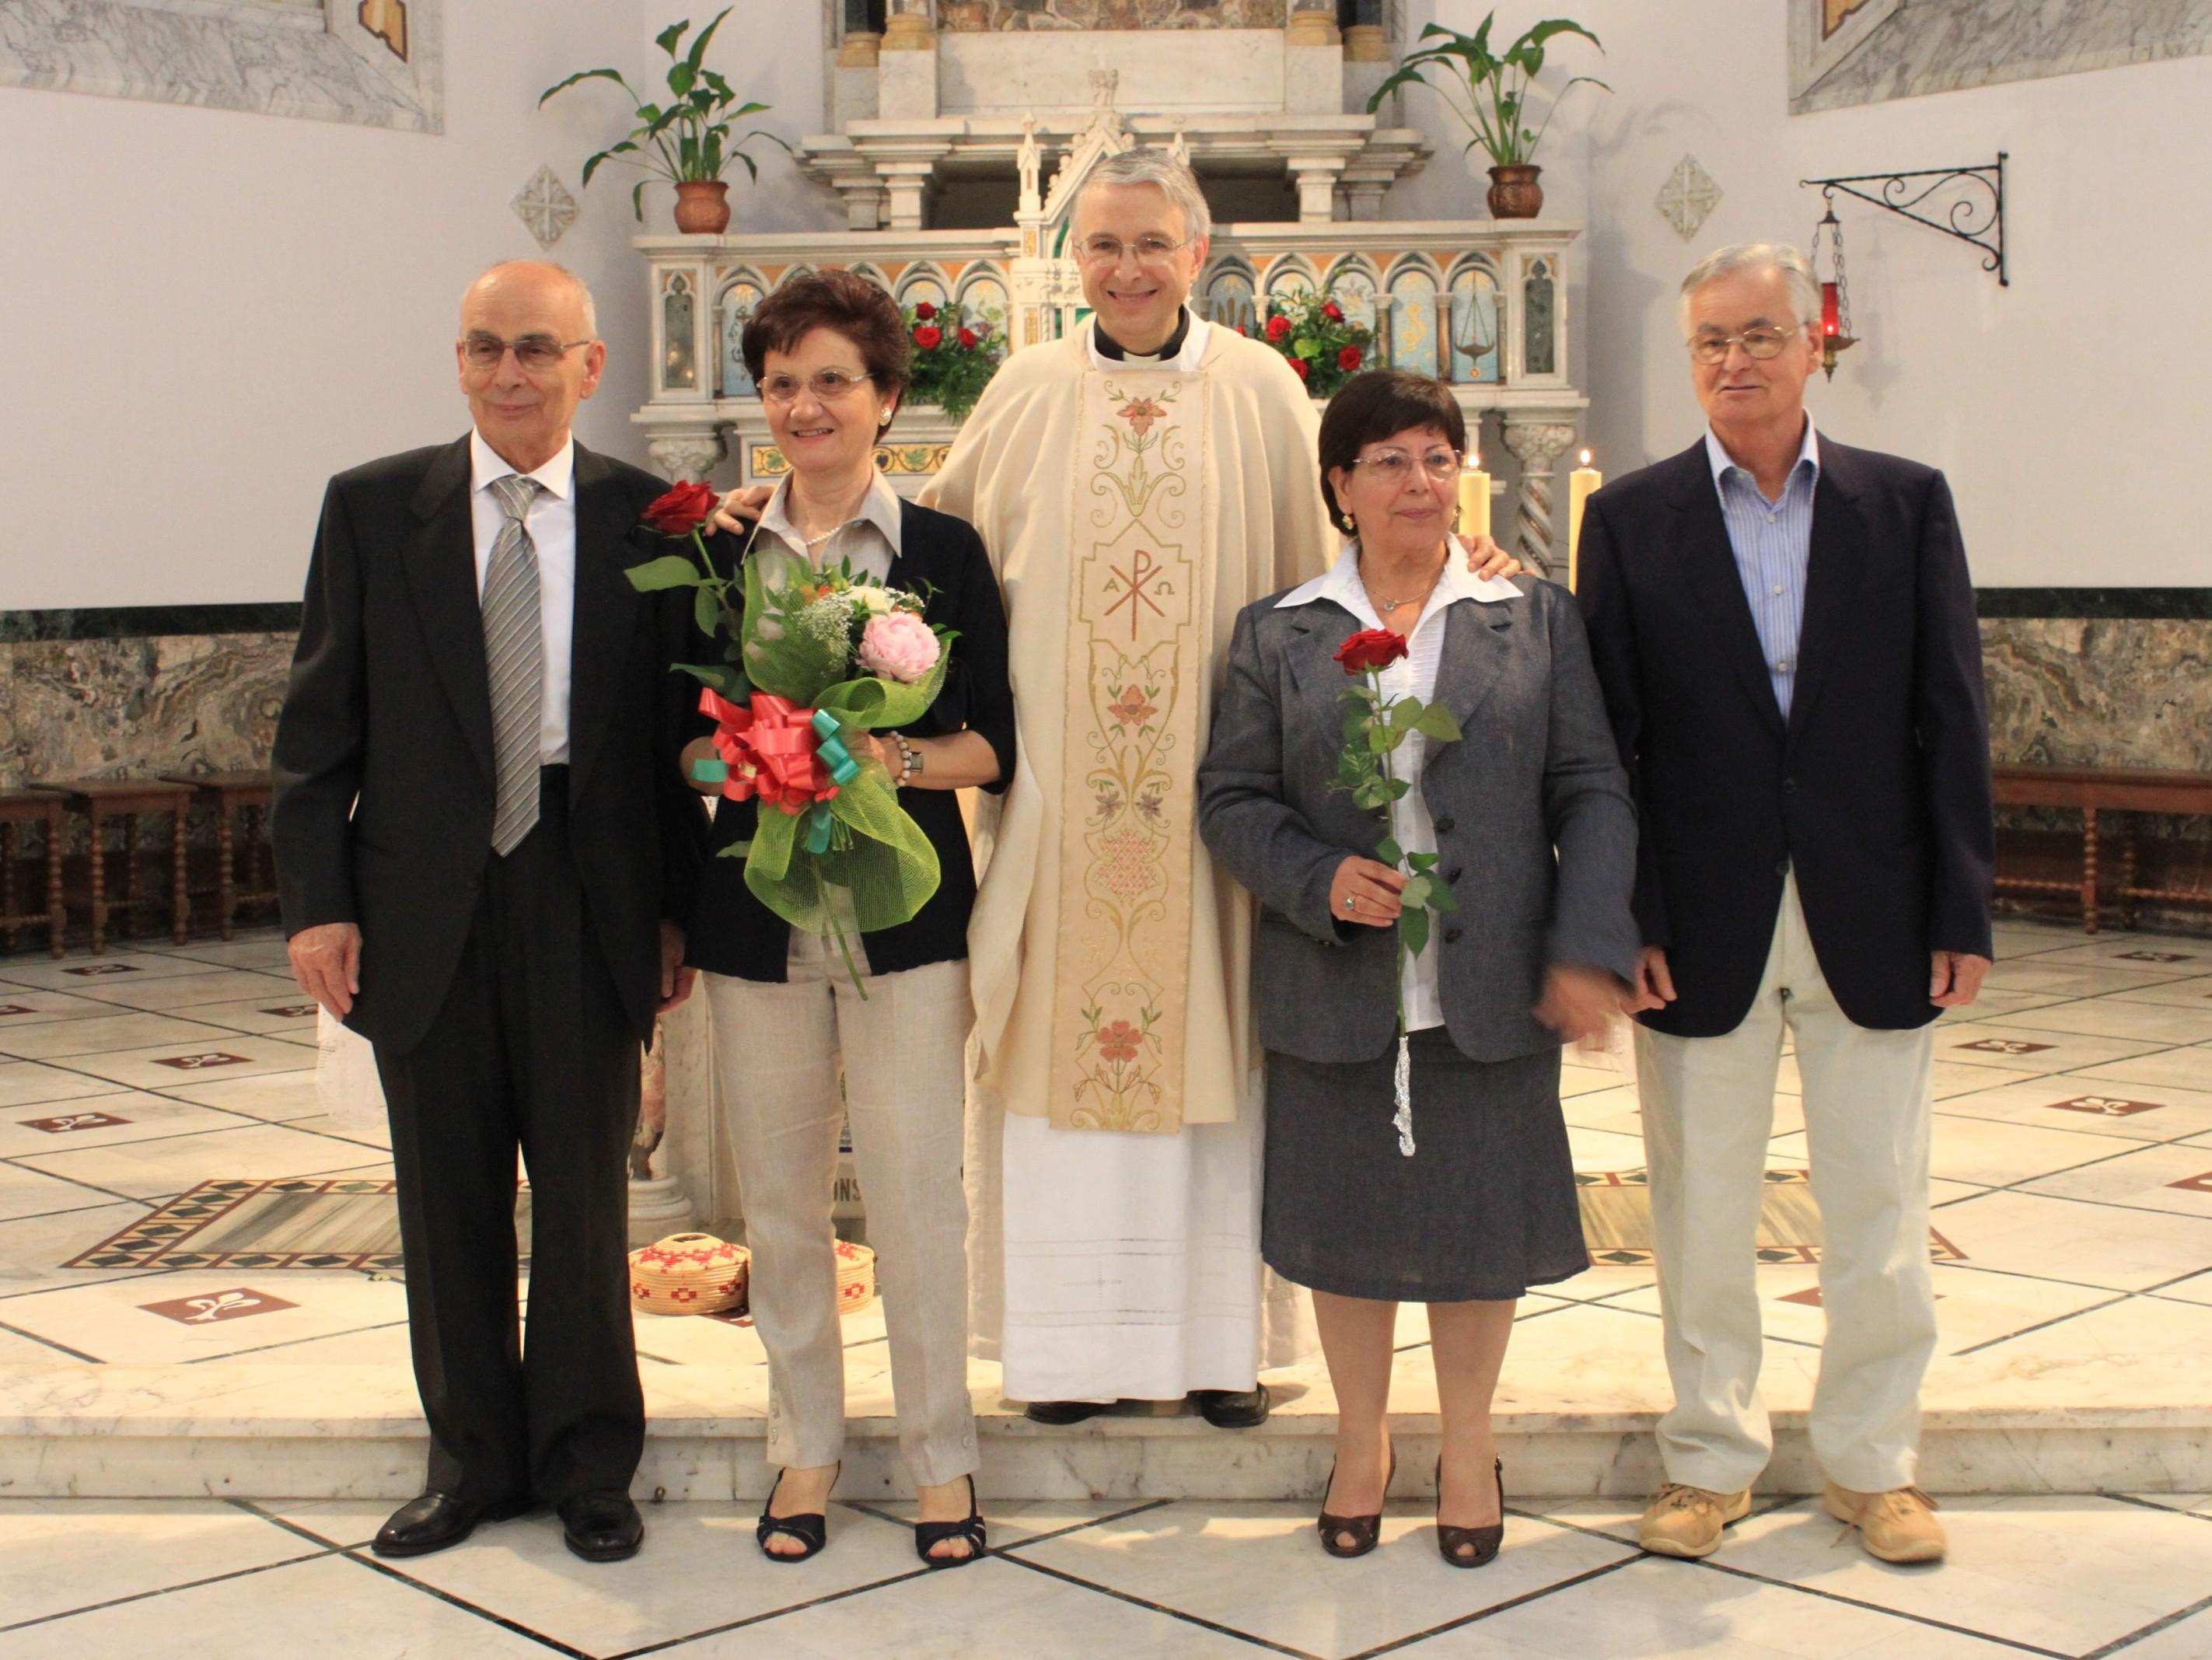 anniversari_matrimonio-2011-06-04-12-14-43